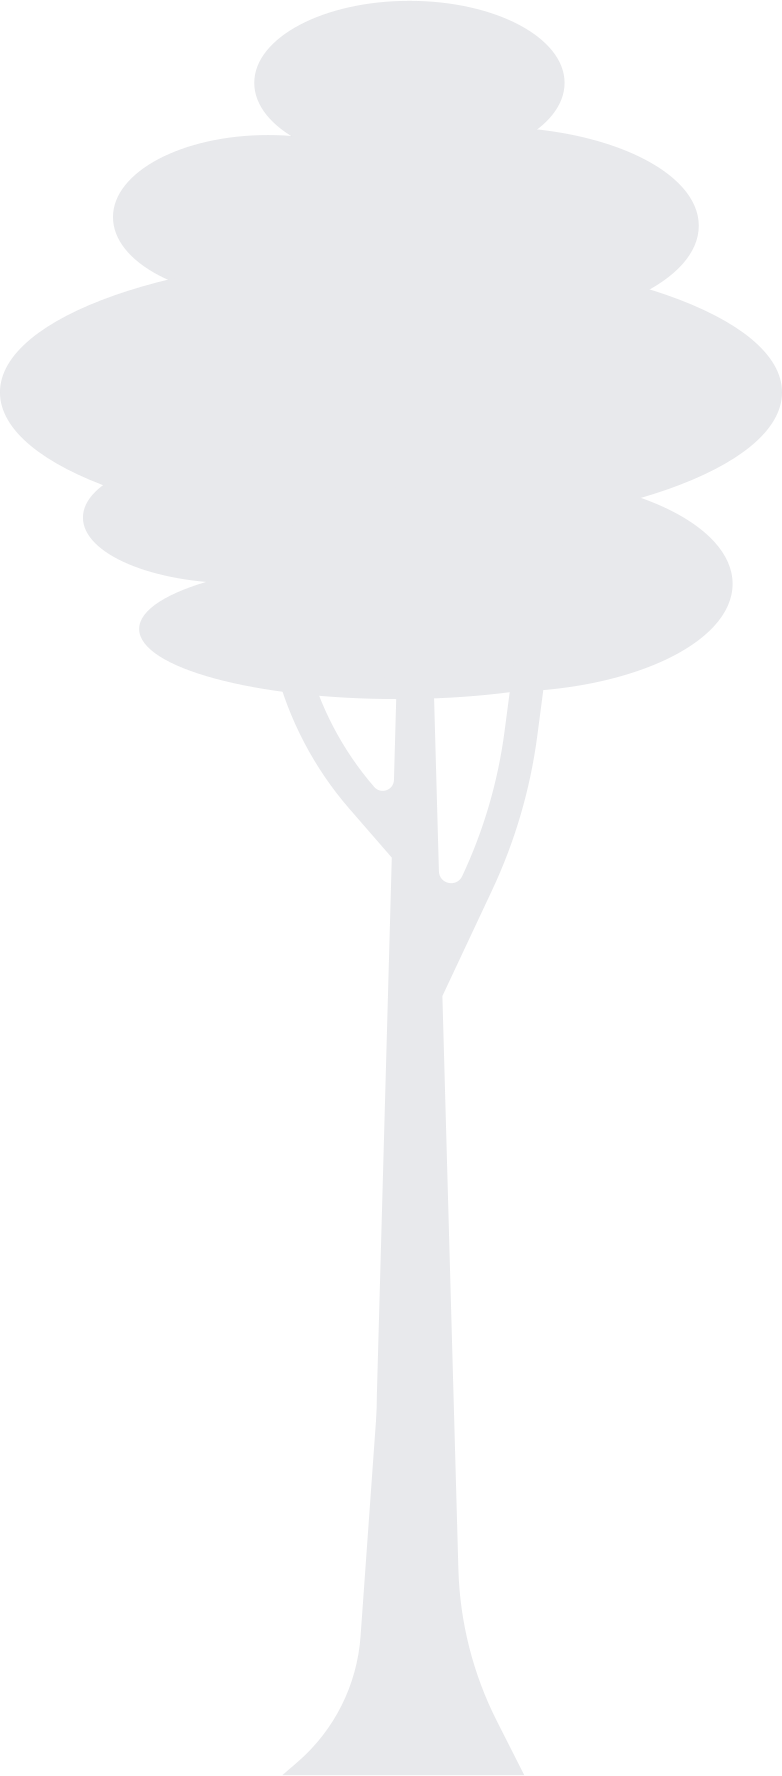 baum Clipart-Grafik als PNG, SVG